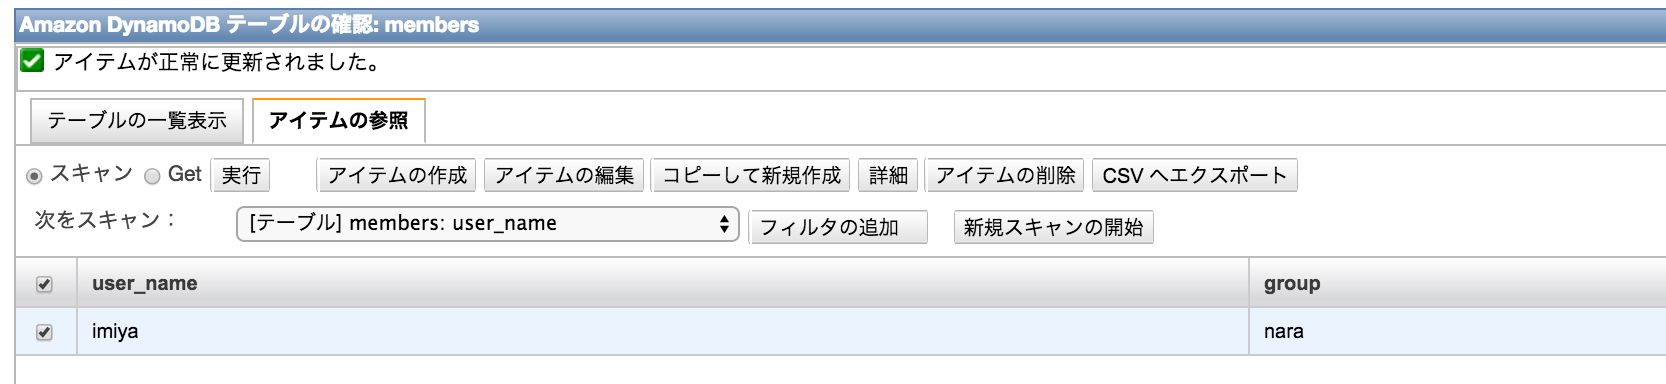 スクリーンショット 2015-09-03 23.39.20.png